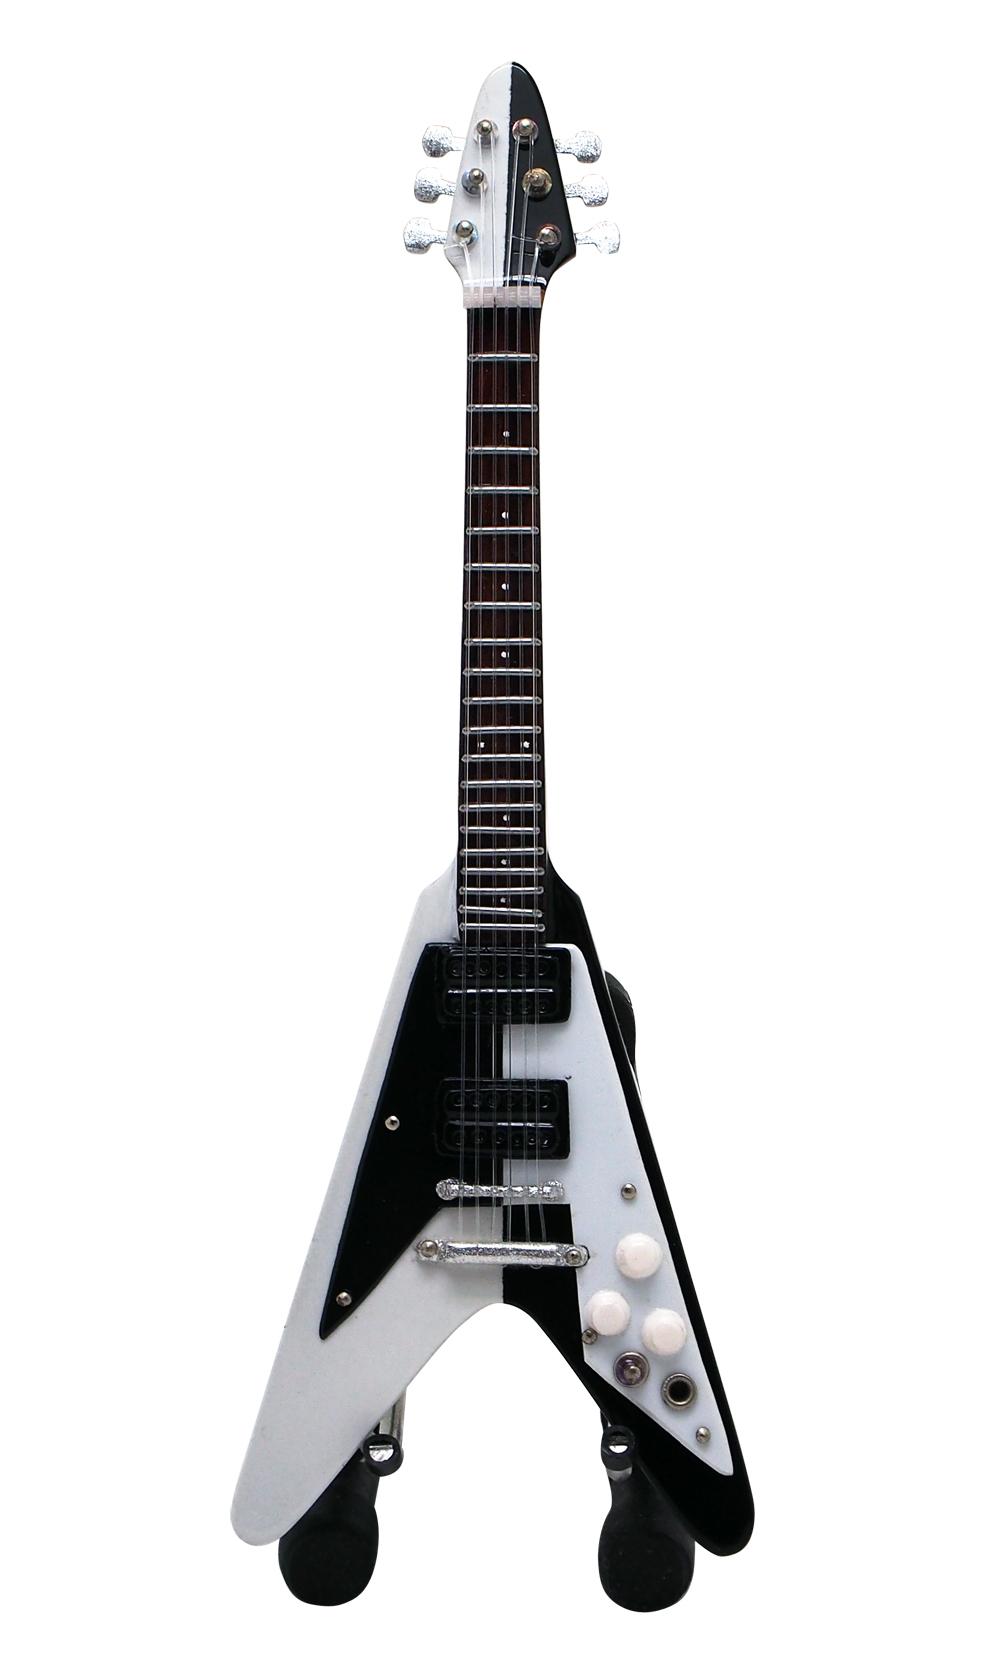 15cm  ミニチュア ギター マイケル シェンカー 1975 フライング V スタイル画像